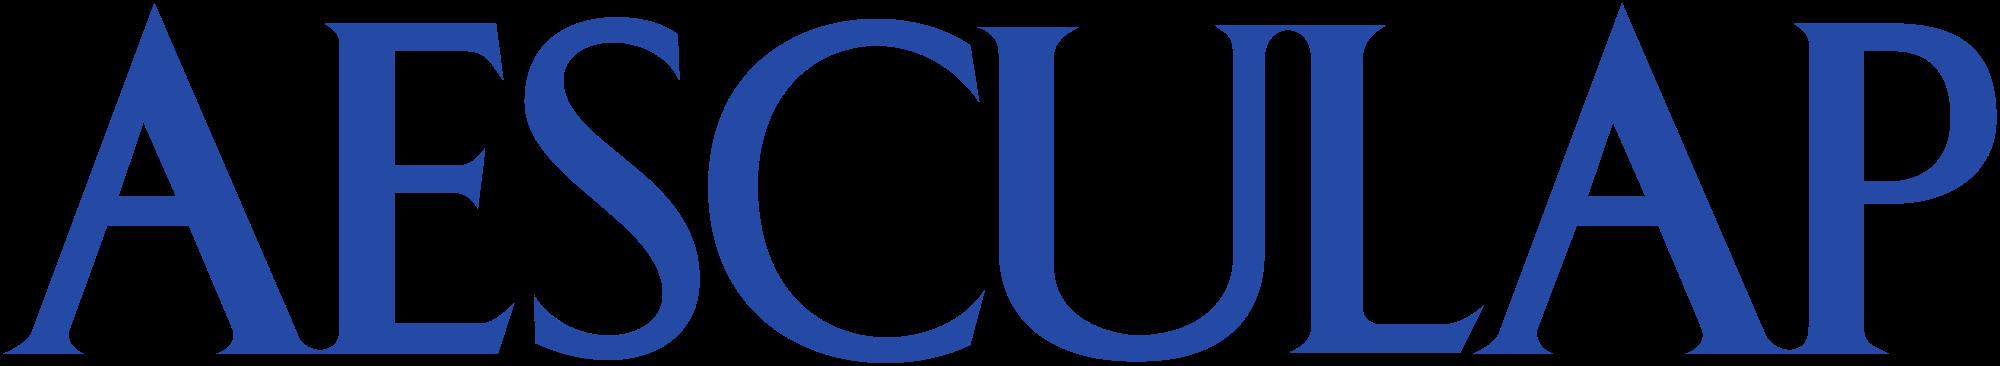 Aesculap-Logo-svg